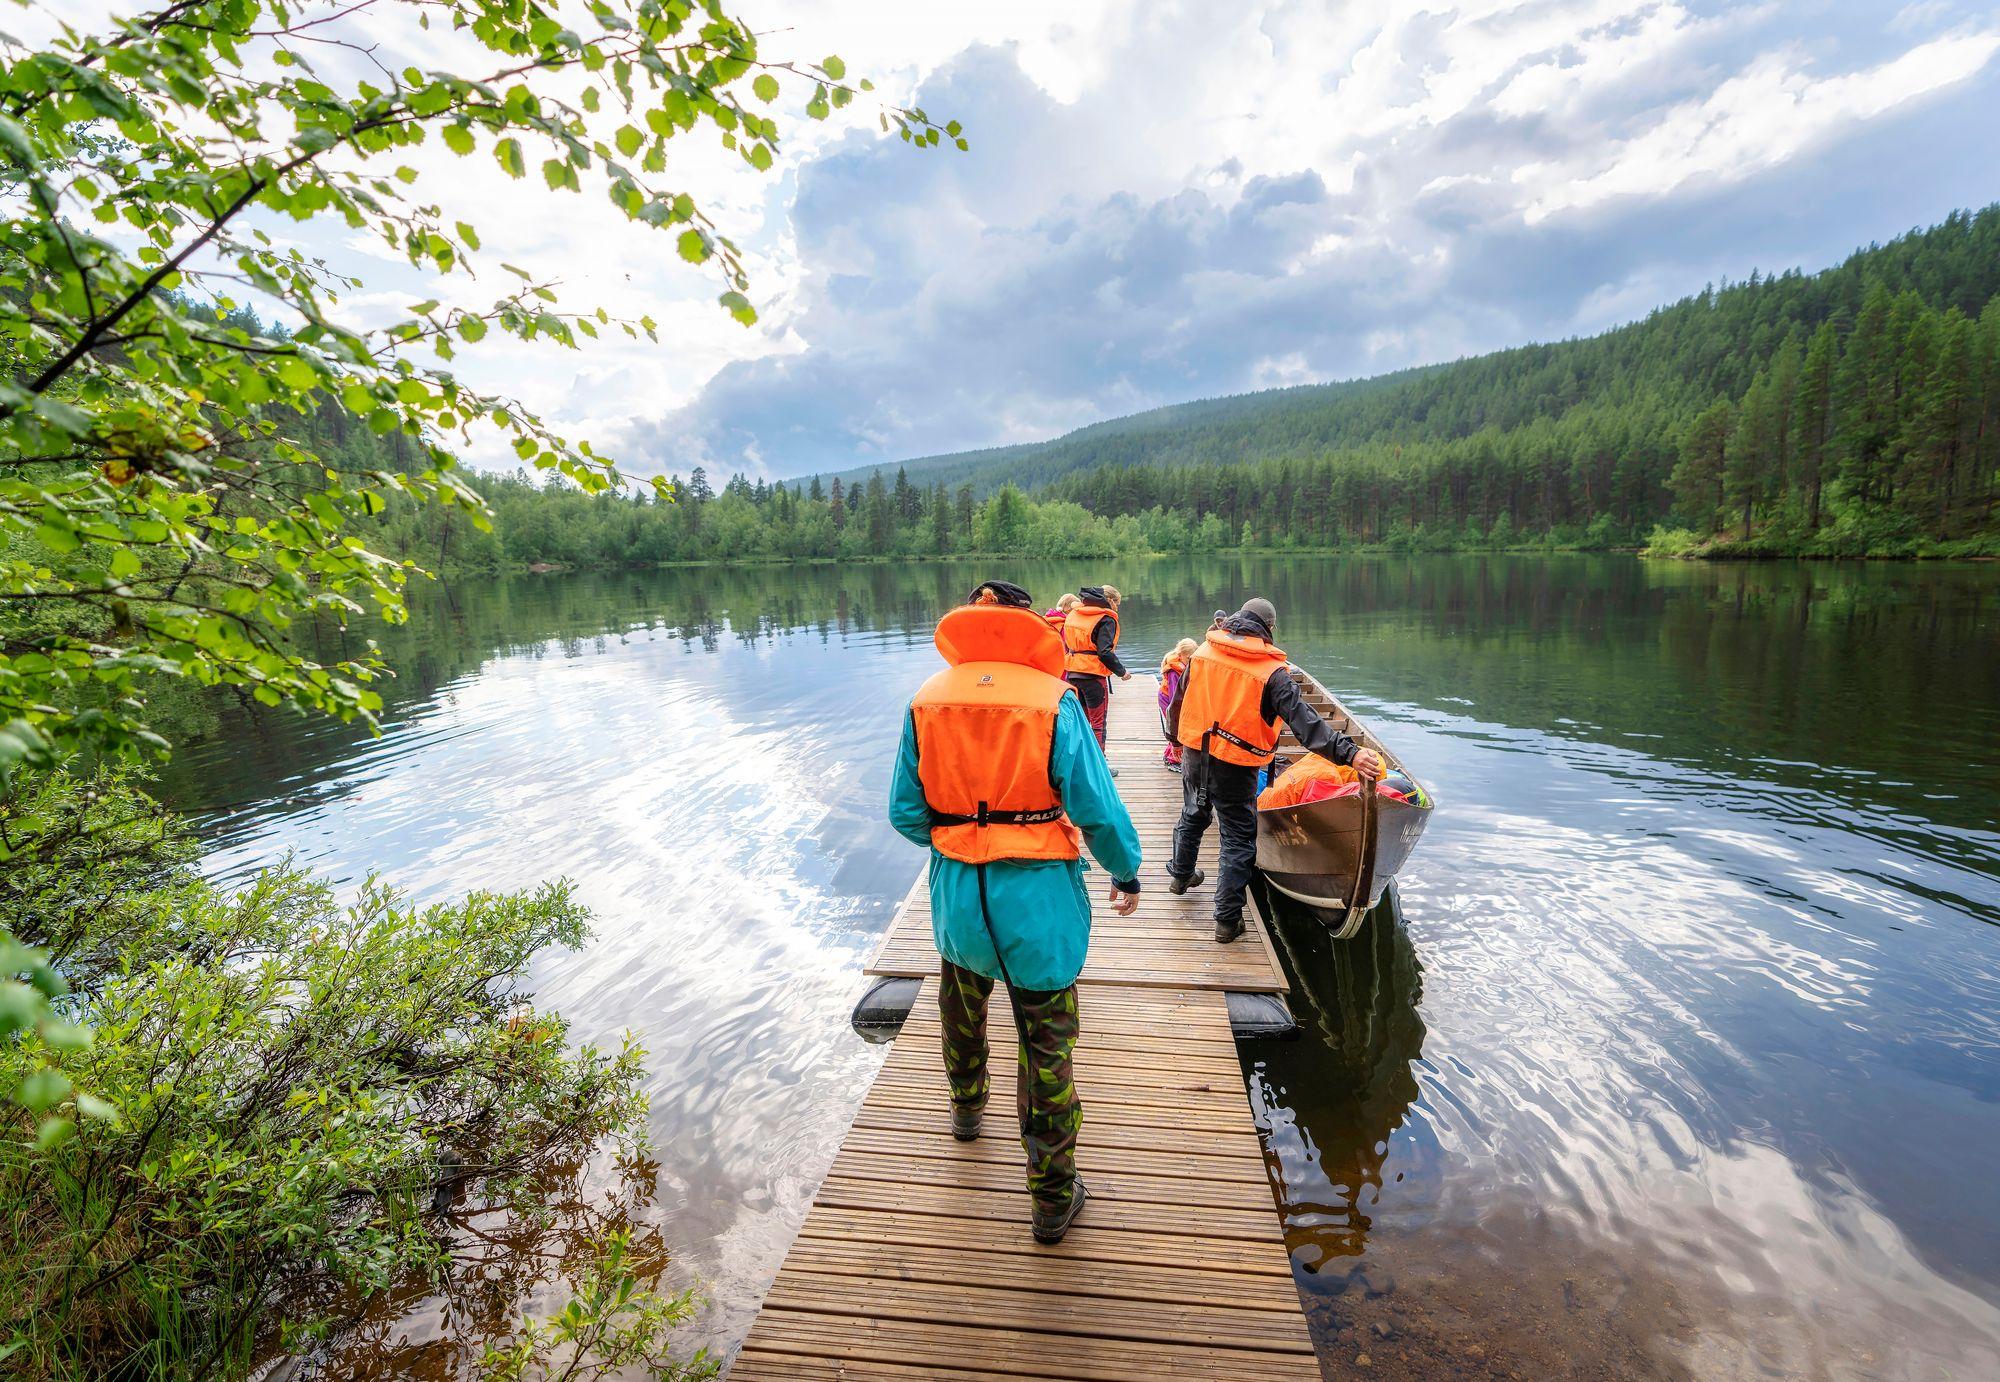 Jokikyydin aikana kannattaa varautua useampaan kävelytaukoon. © Juha Kauppinen